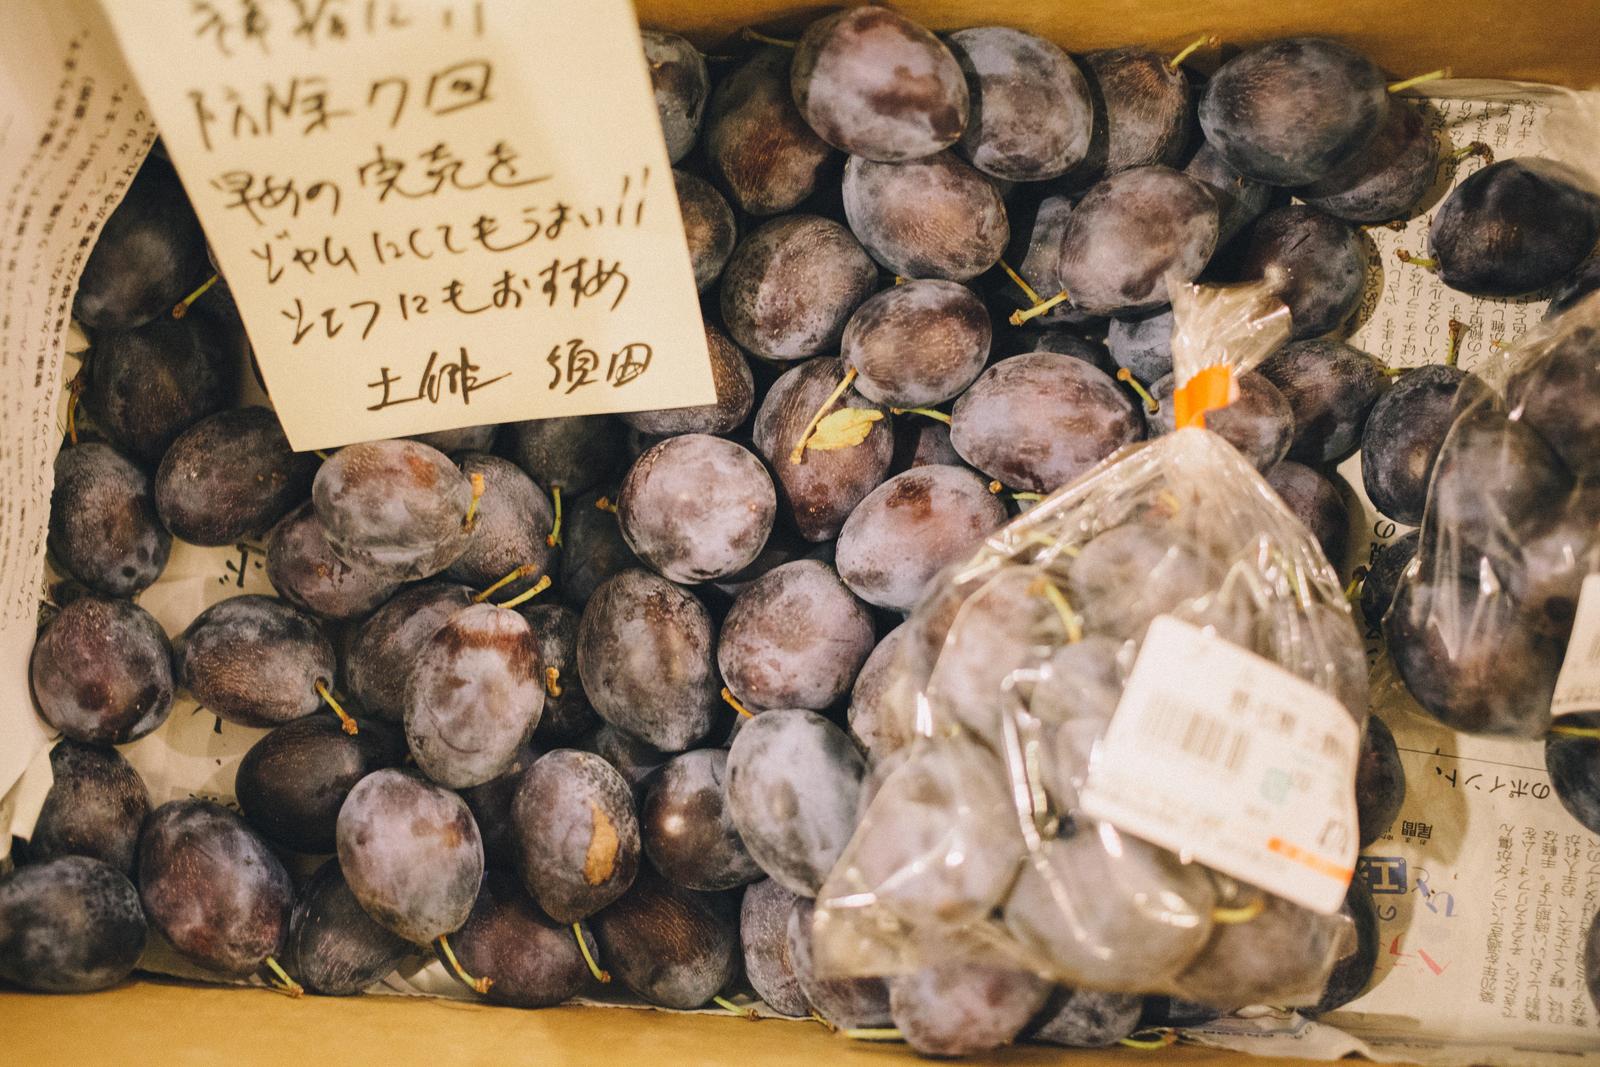 オーガニックフードショップ GAIA 代々木上原店 で売っていたプルーン